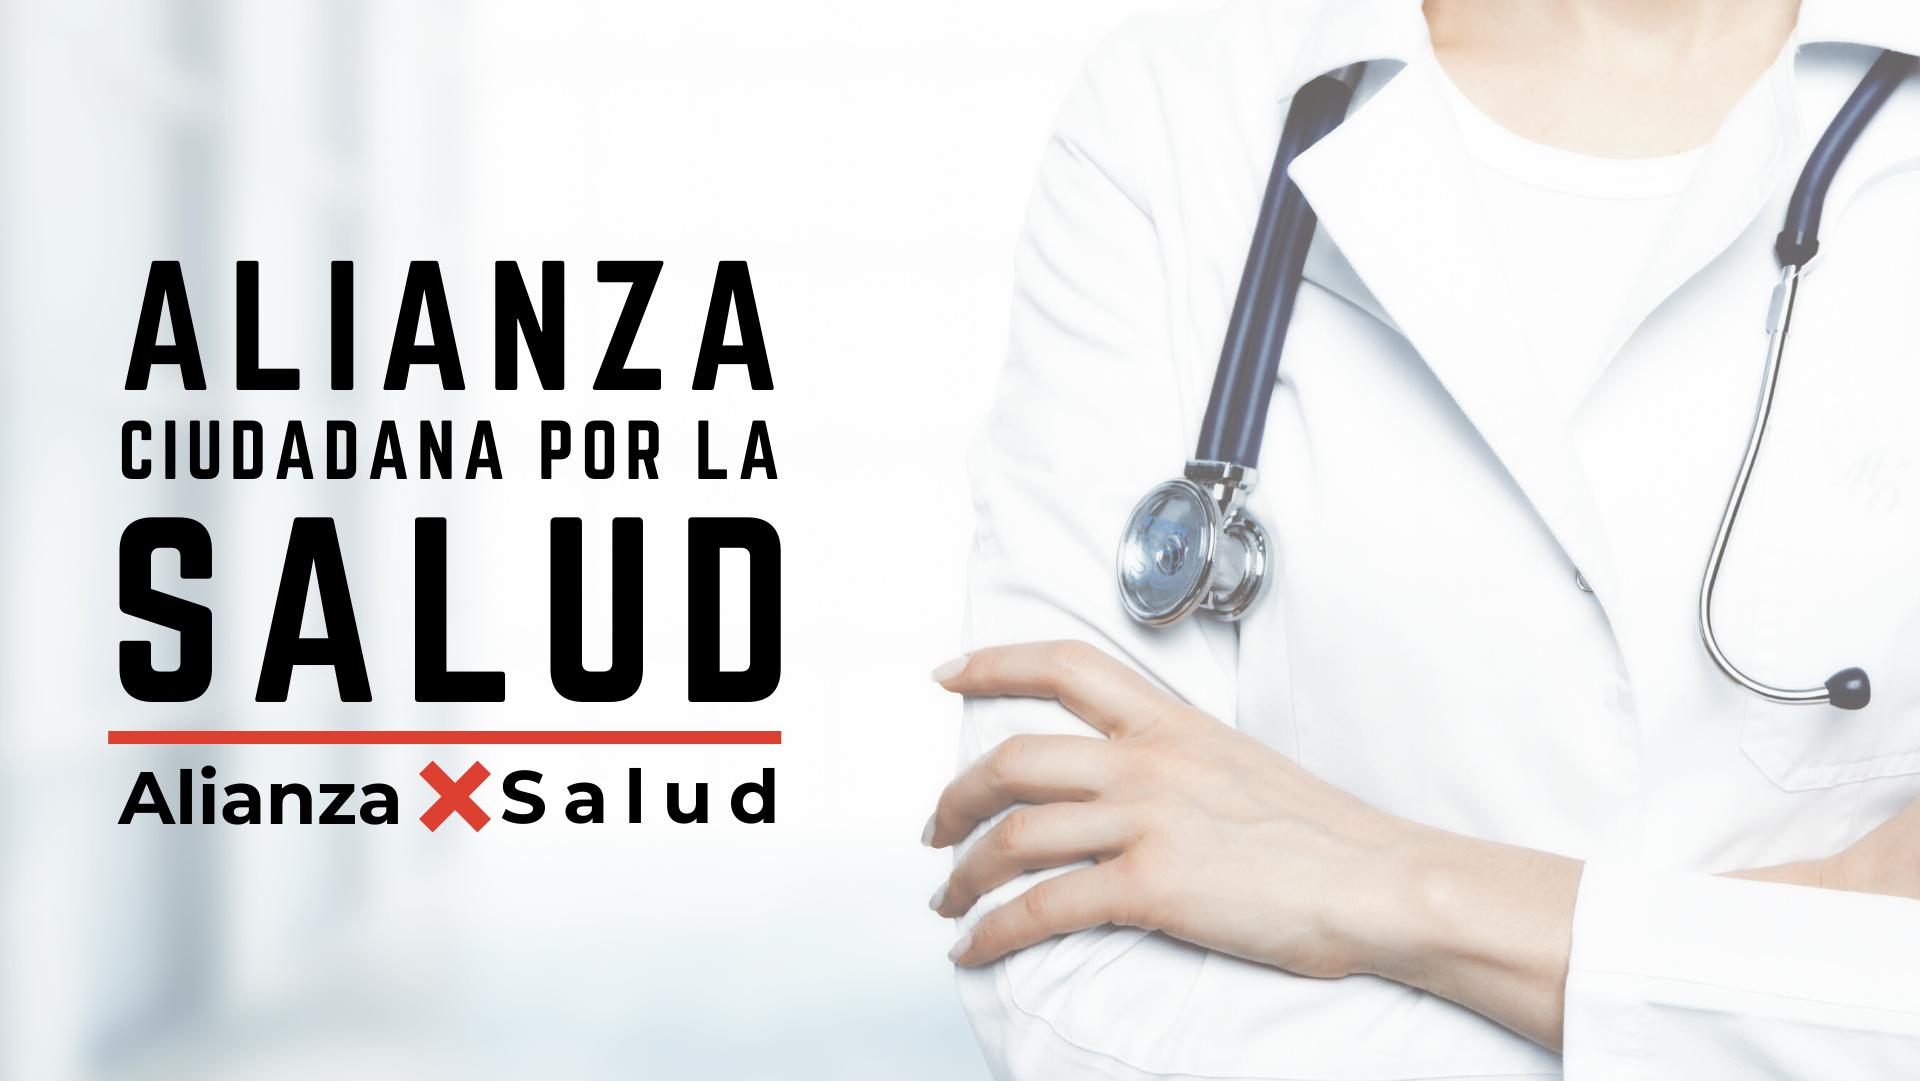 Comunicado| Alianza Ciudadana por la Salud, 22 de enero